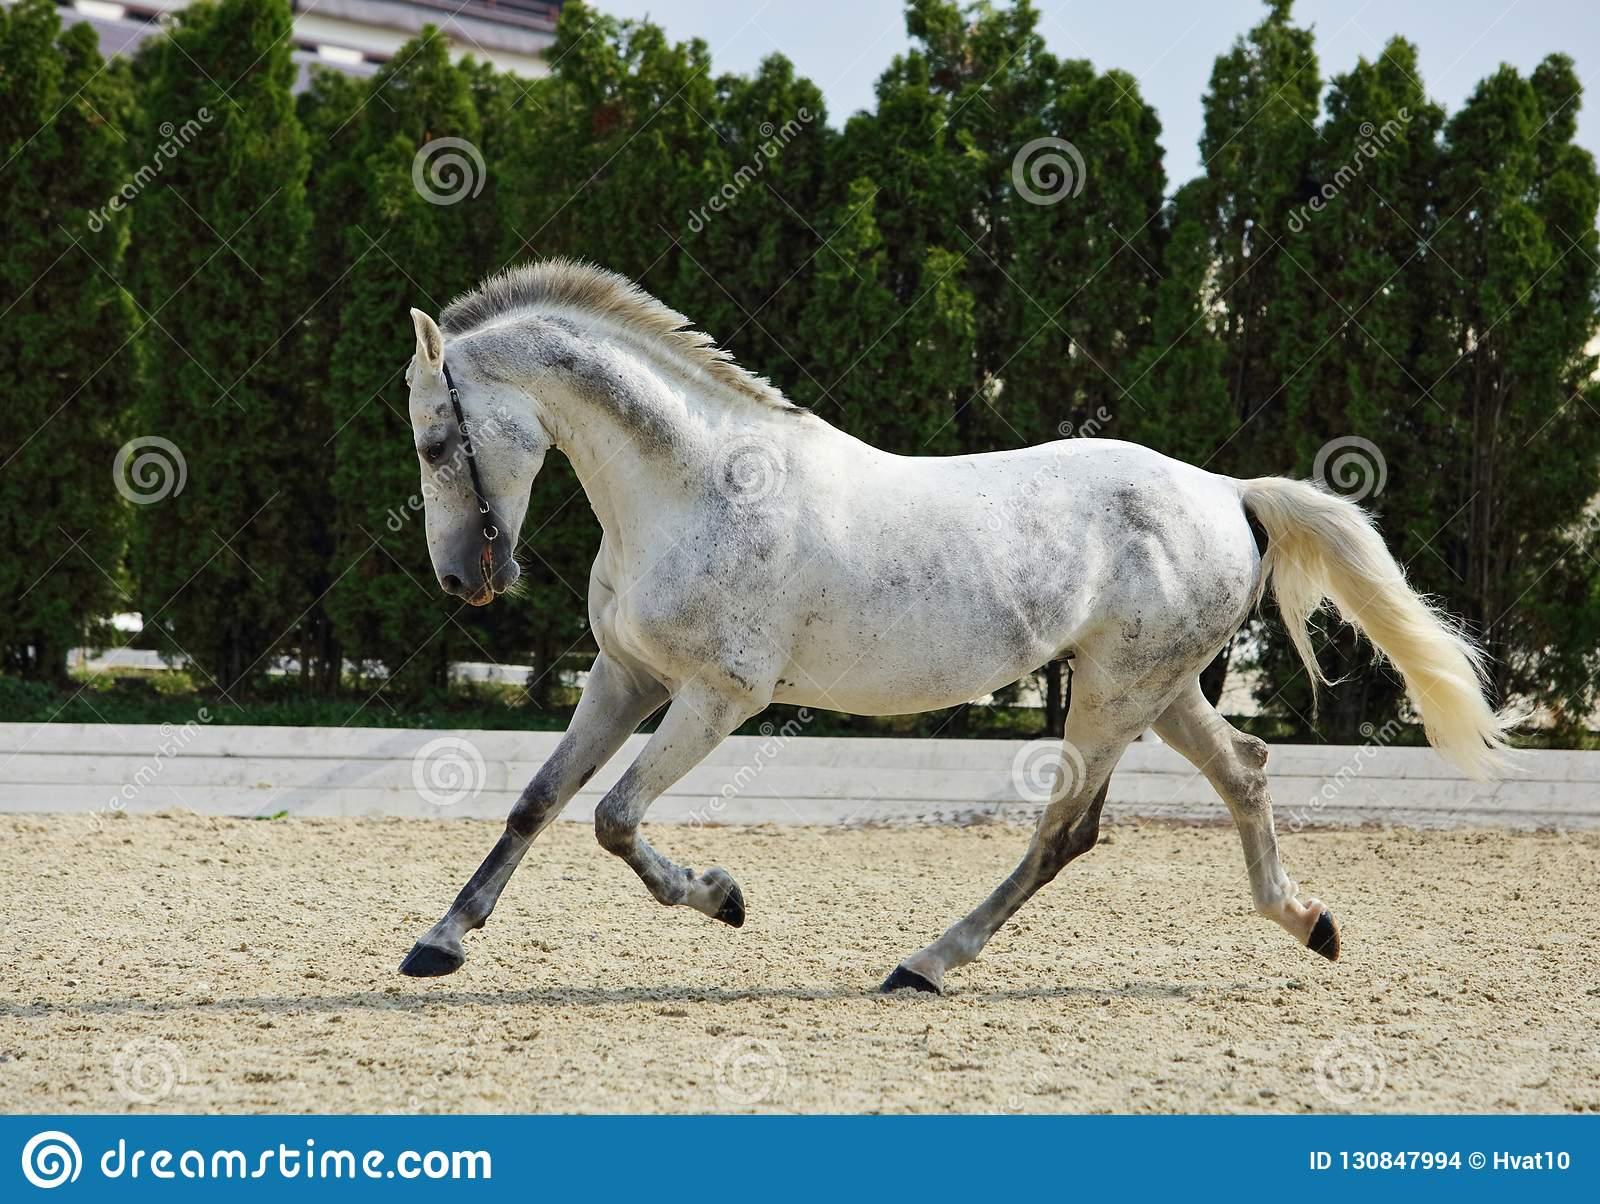 Андалузская лошадь: описание породы, характеристики и фото